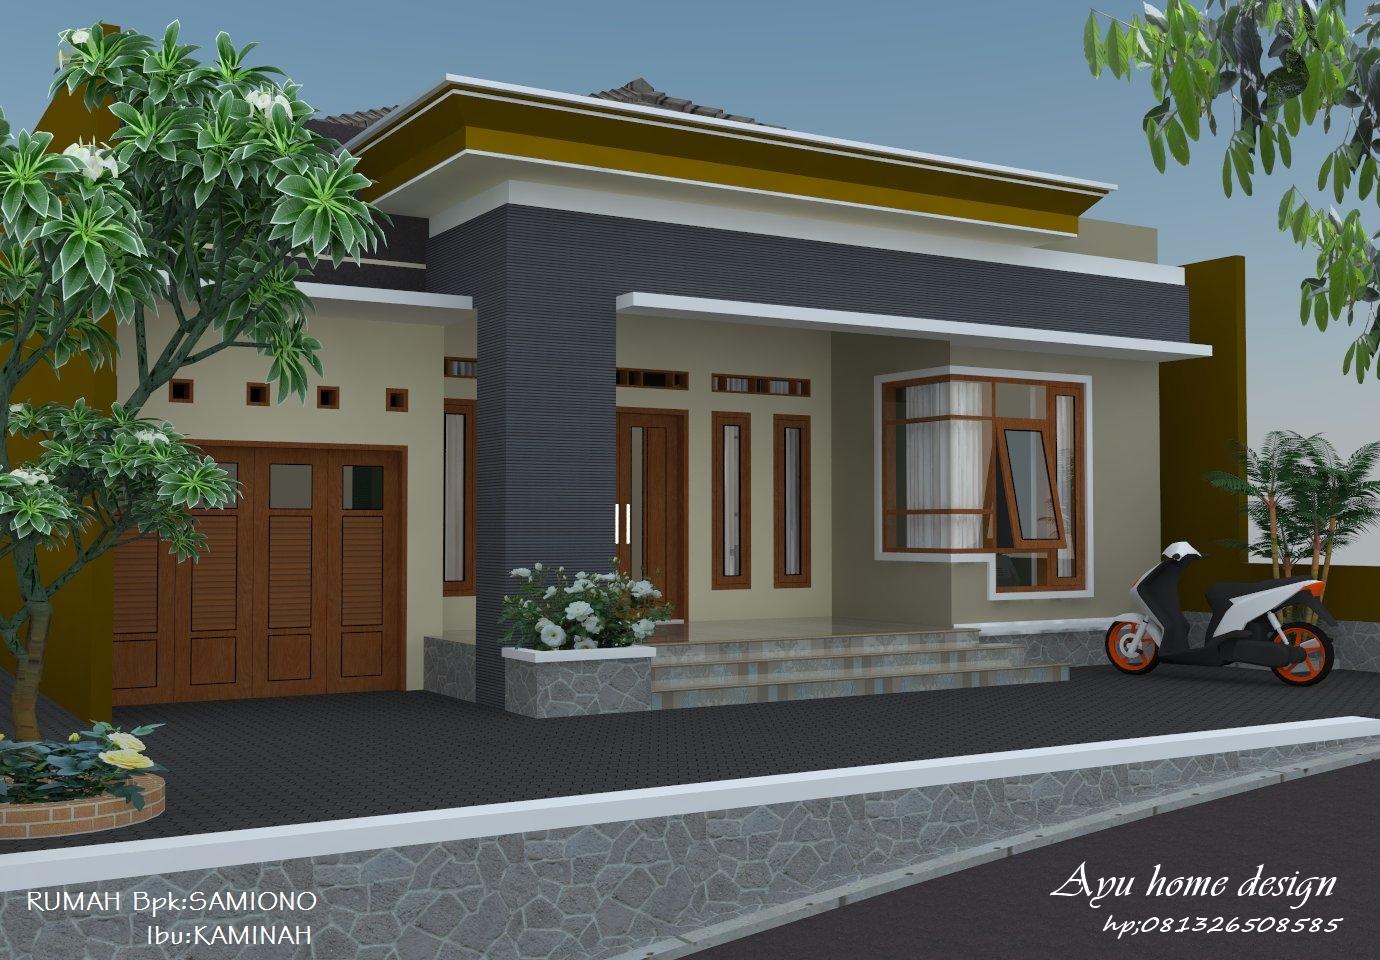 107 Gambar Rumah Minimalis Sederhana Di Desa Gambar Desain